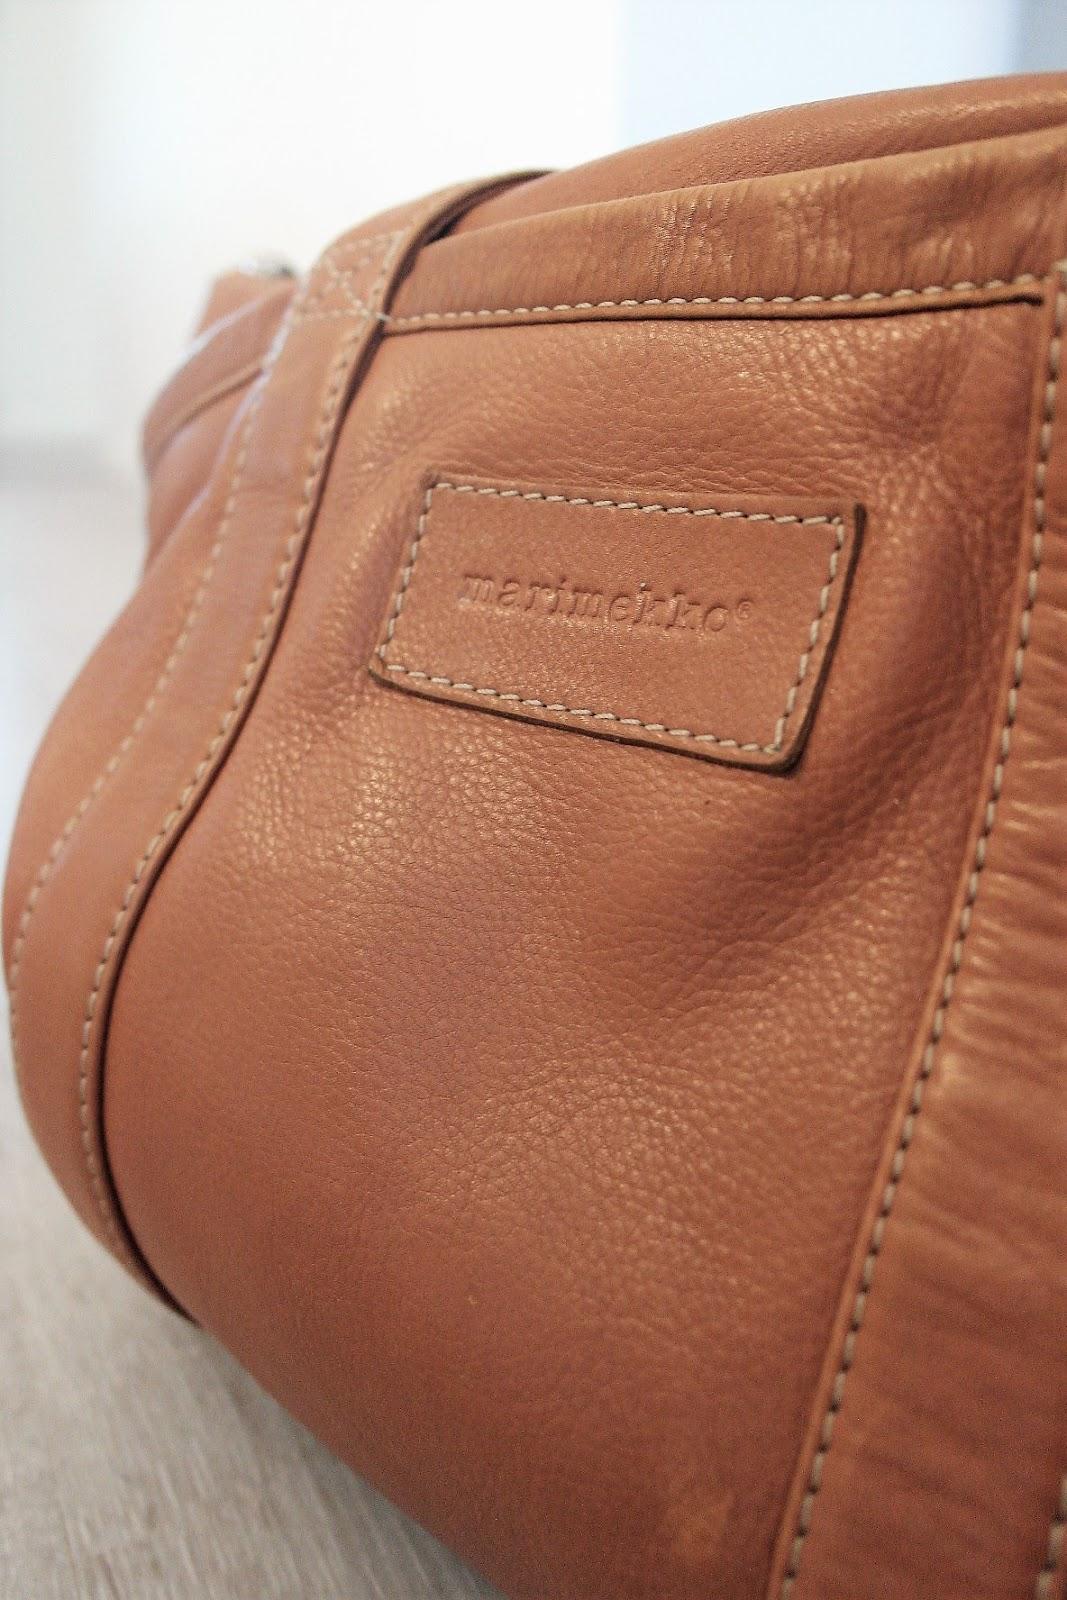 Marimekko-mini-matkuri-laukku.jpg